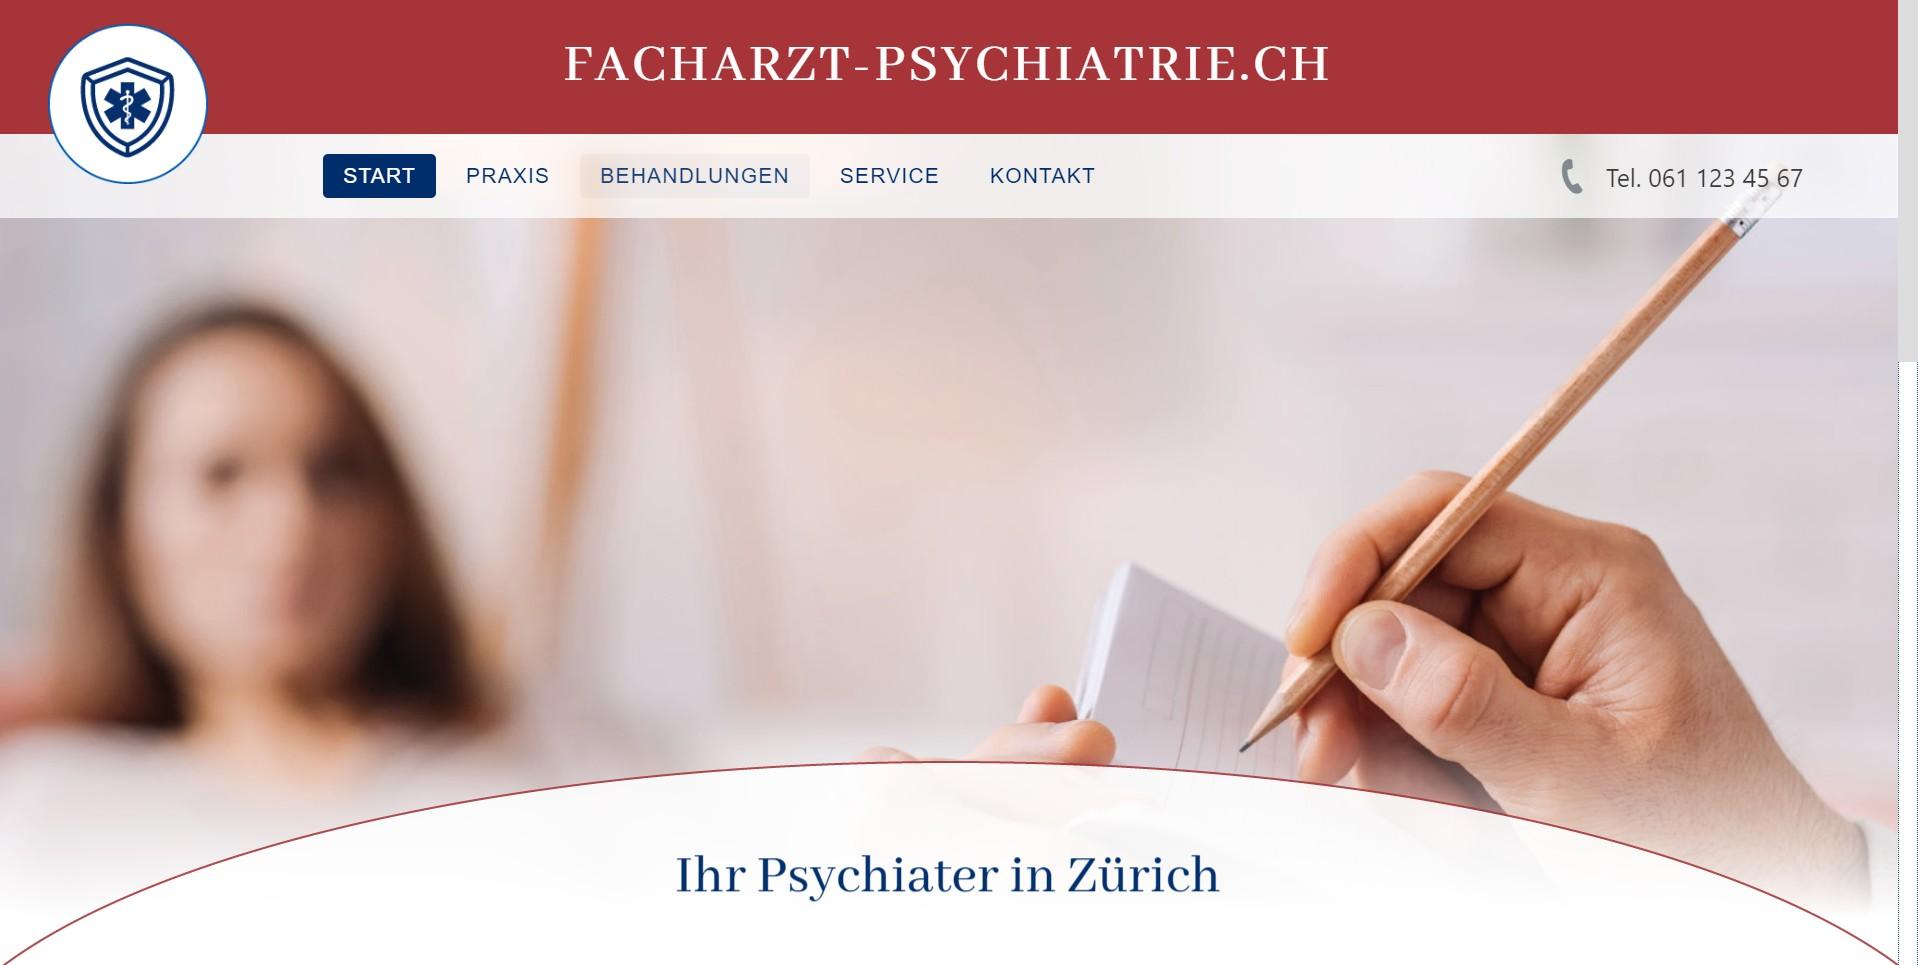 Facharzt-Psychiatrie.ch